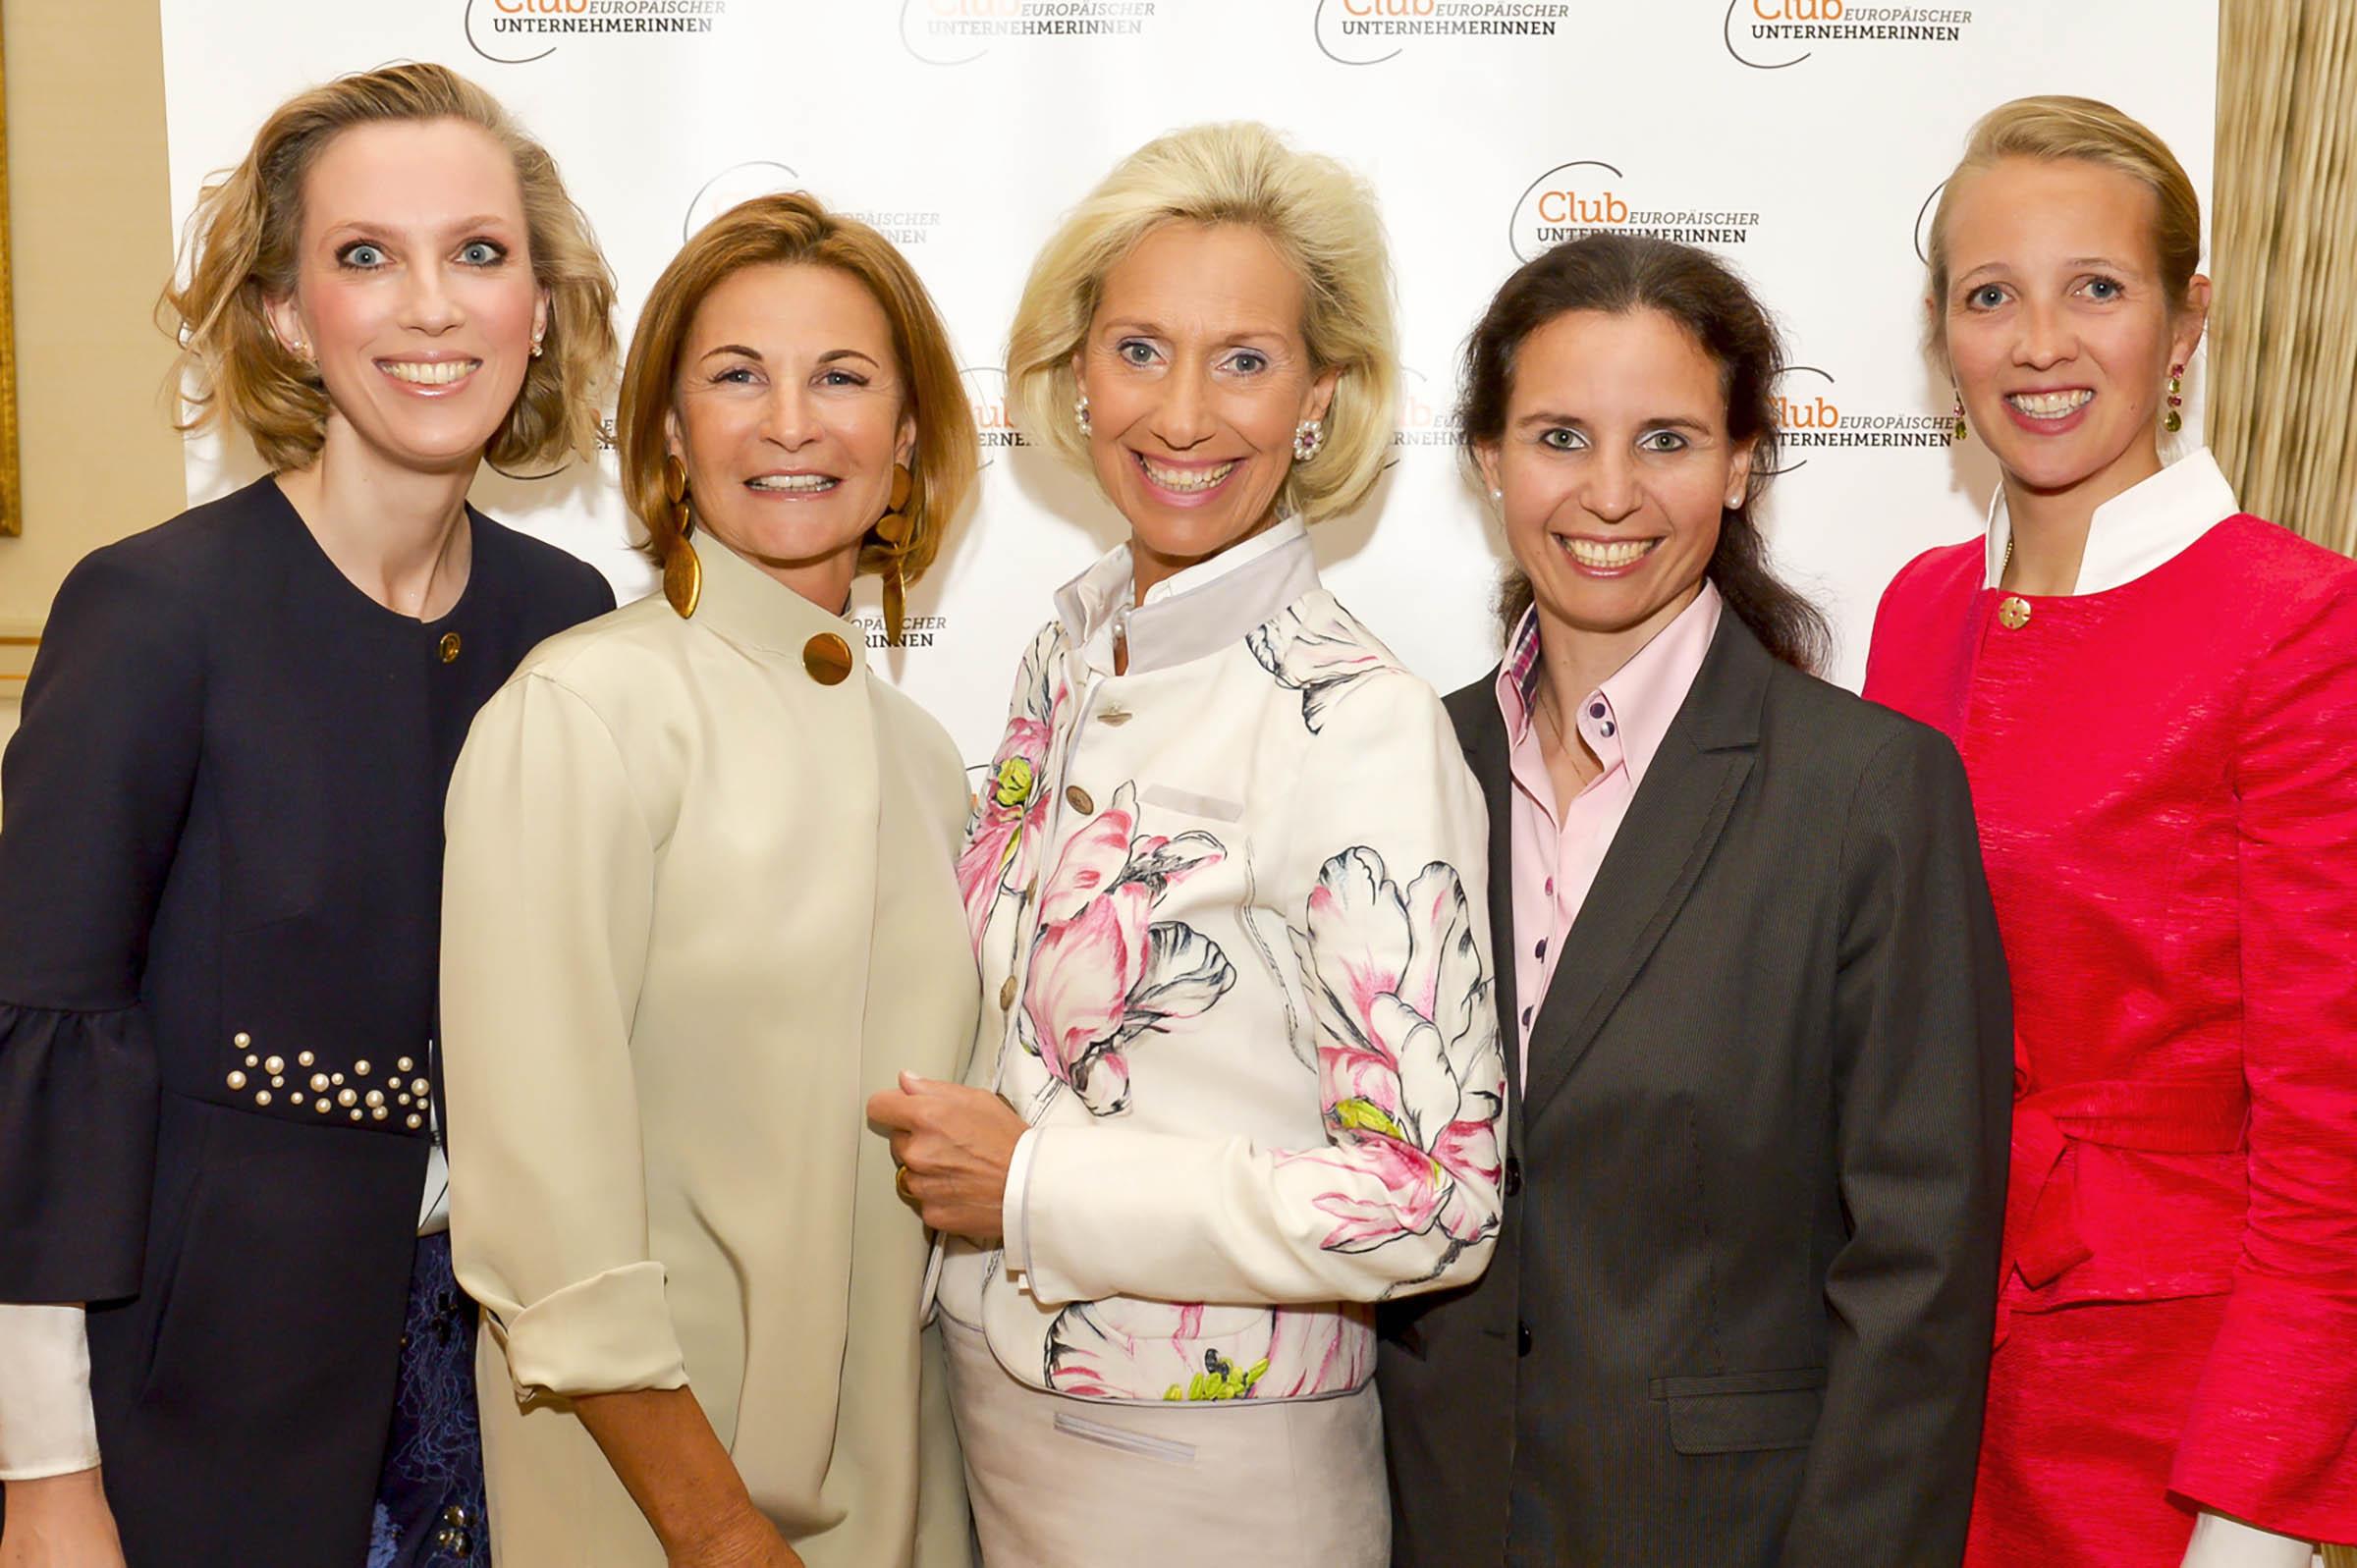 Frauke von Reitzenstein, Barbara Kunst, Kristina Tröger, Marina Tcharnetsky, Caroline Freisfeld